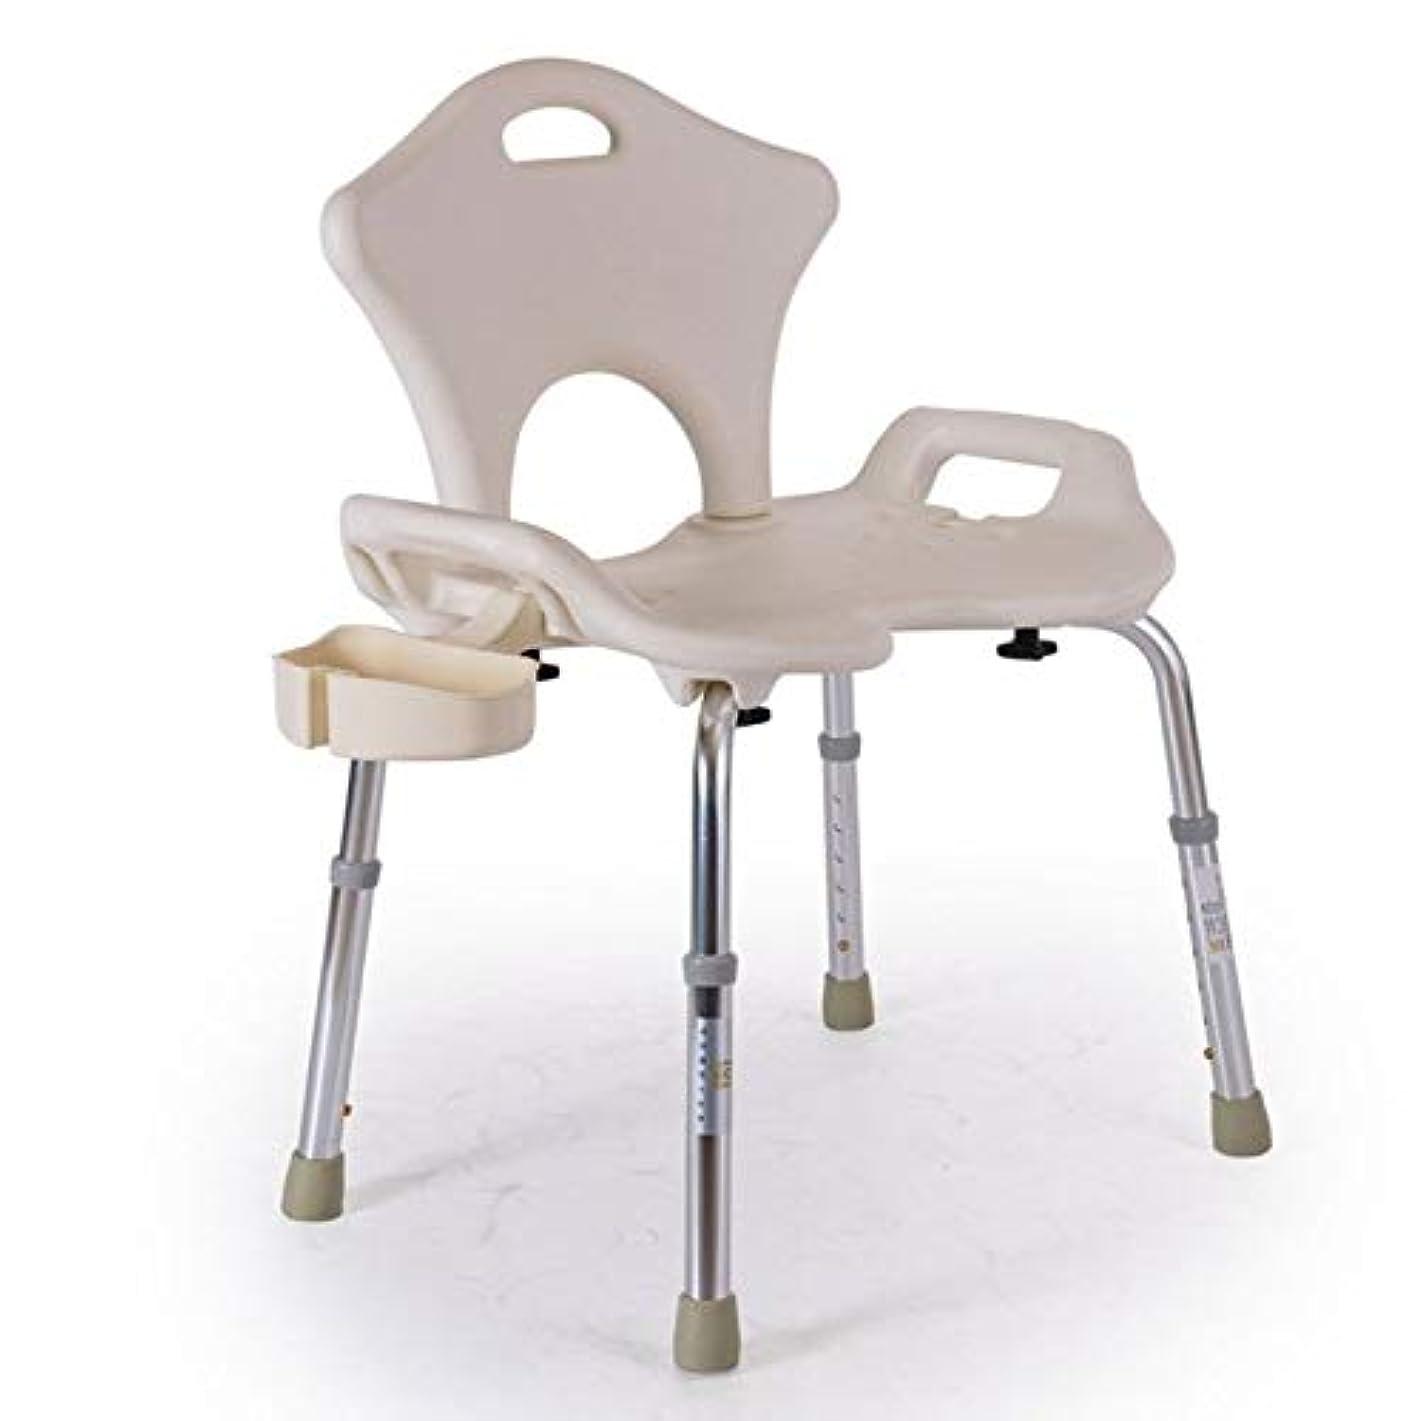 正規化固体肥沃な浴室の椅子、アルミニウム合金の折り畳み式滑り止め風呂椅子